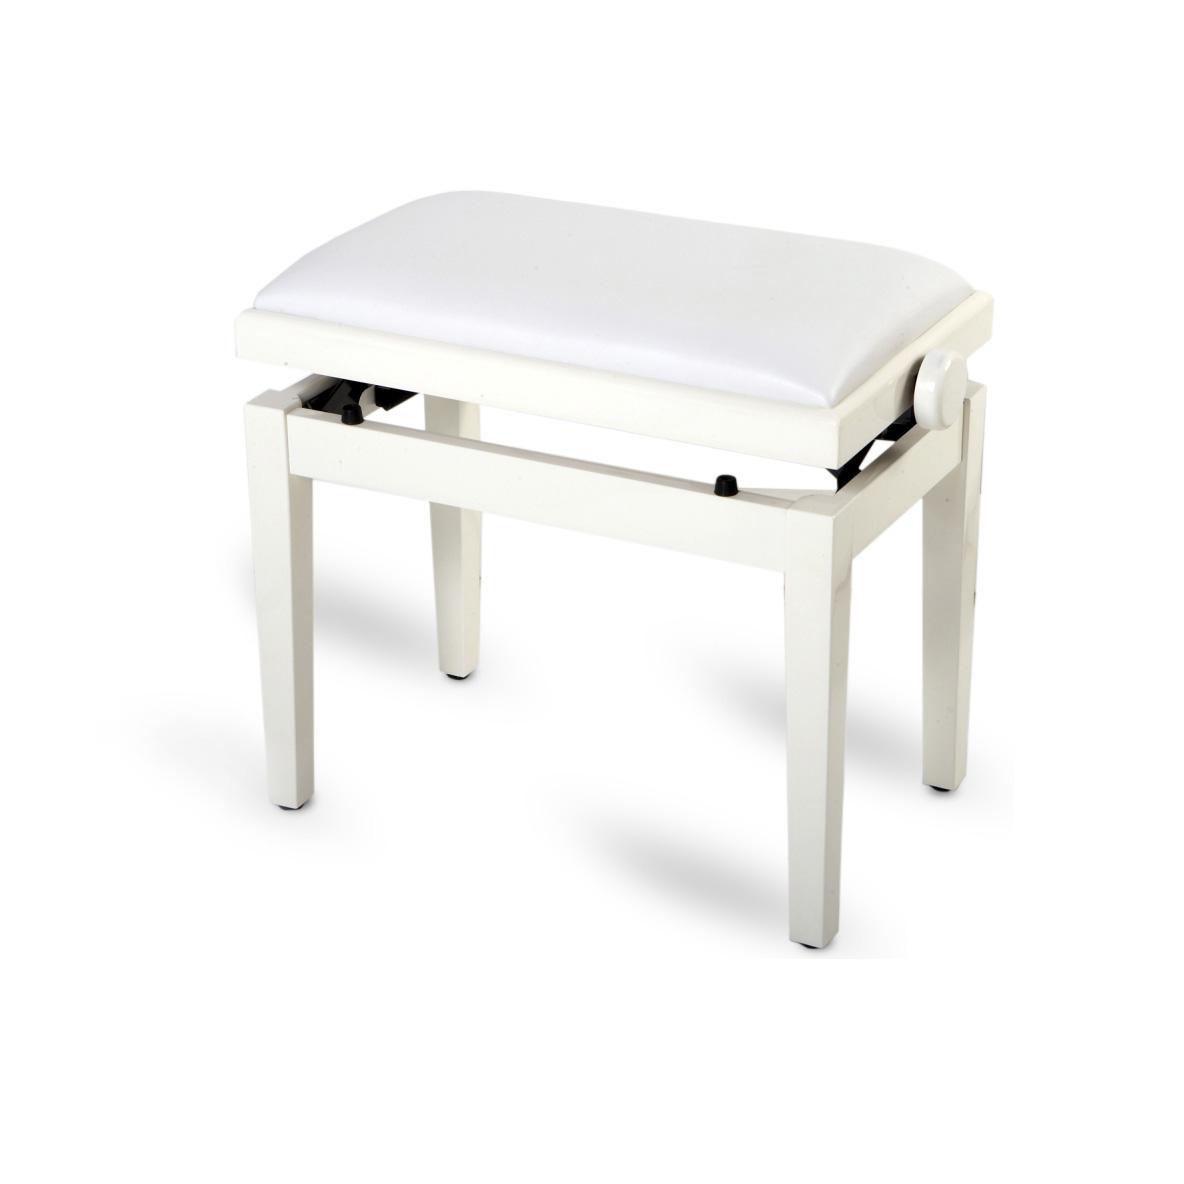 כסא לפסנתר בצבע לבן